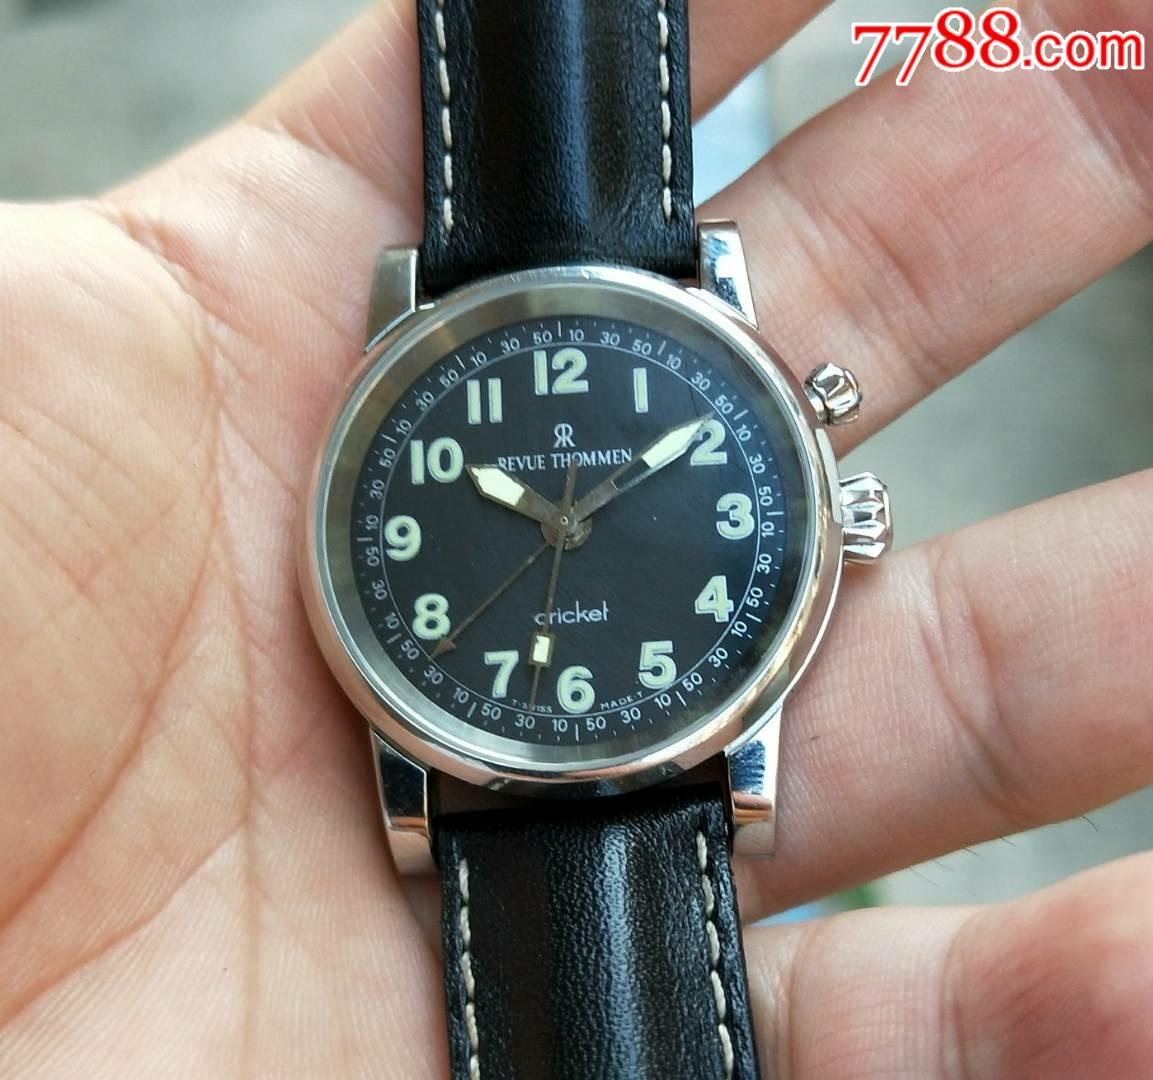 《新�l布》二手手表:稀少灰�P,瑞士古董梭曼精�款�[�手卷�C械表。表�讲缓�把�^35(au21273976)_